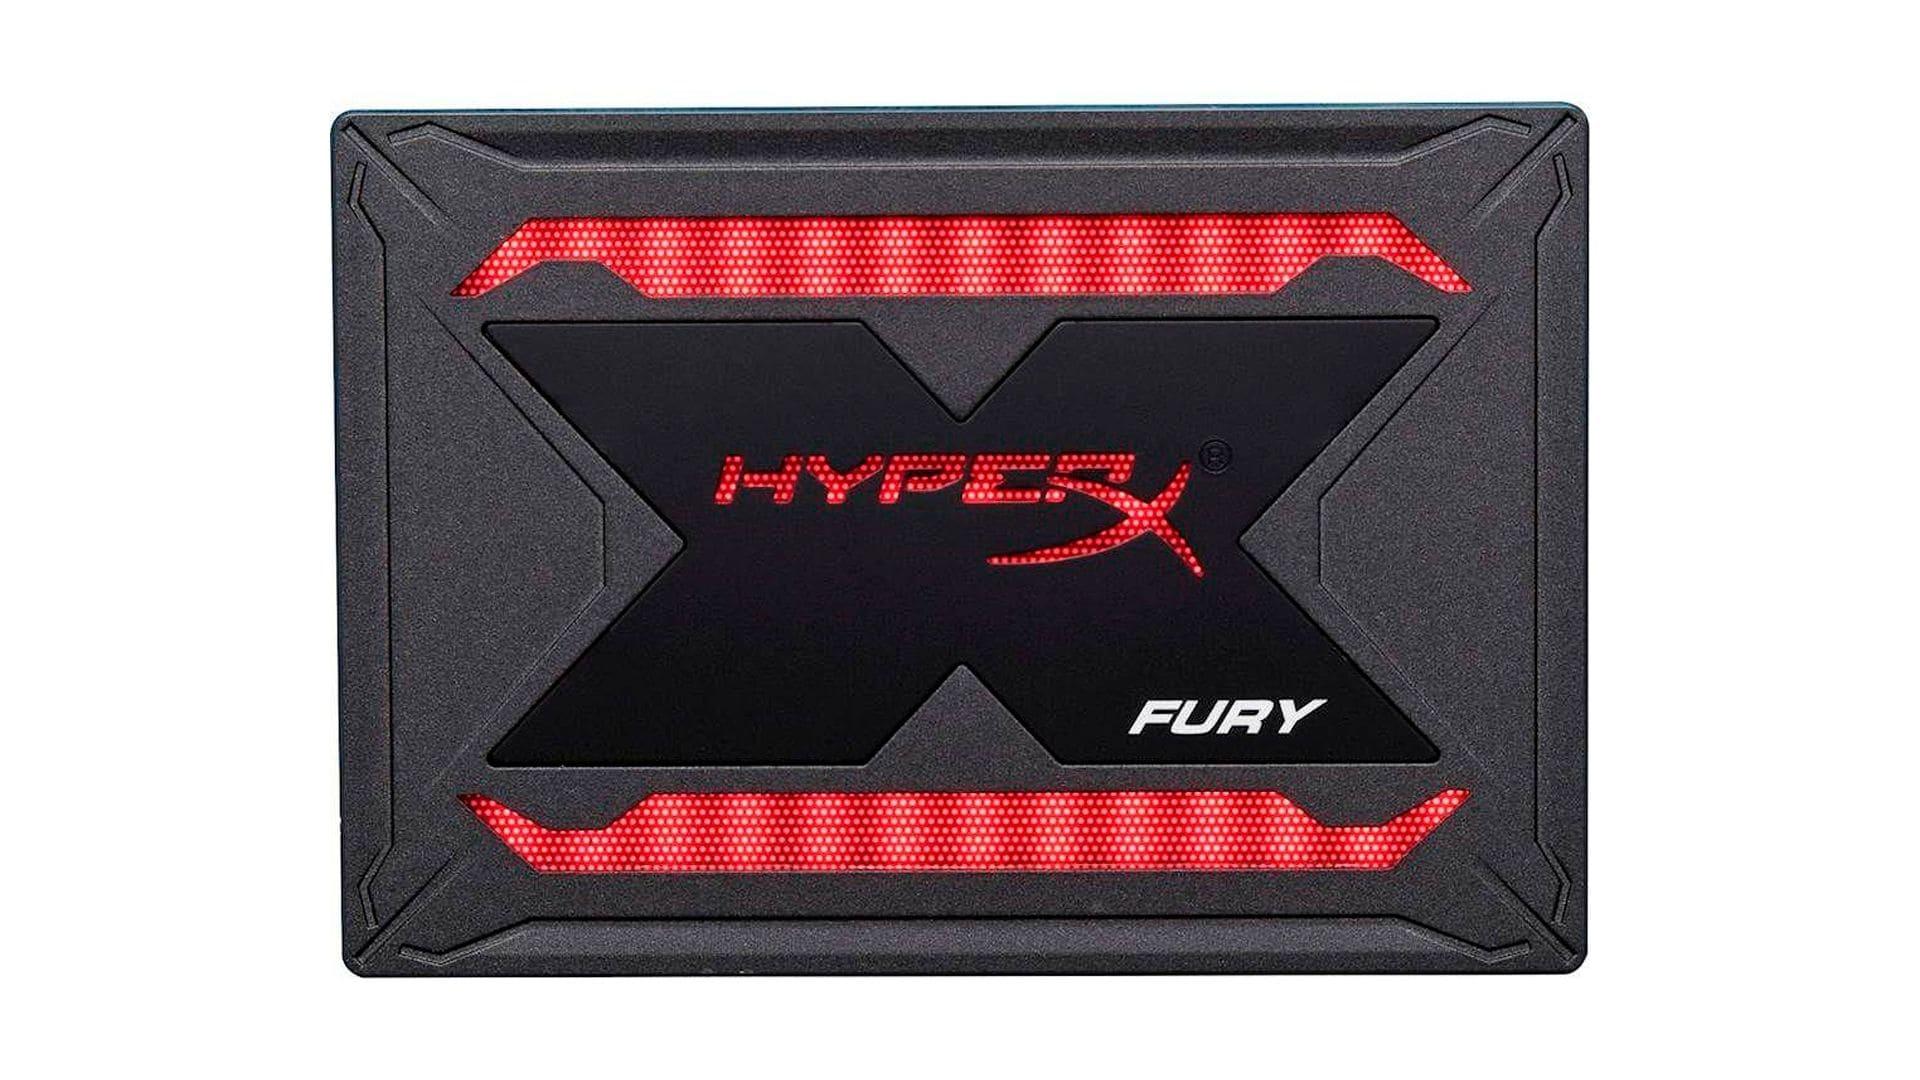 SSD 480GB HyperX Fury preto e vermelho no fundo branco